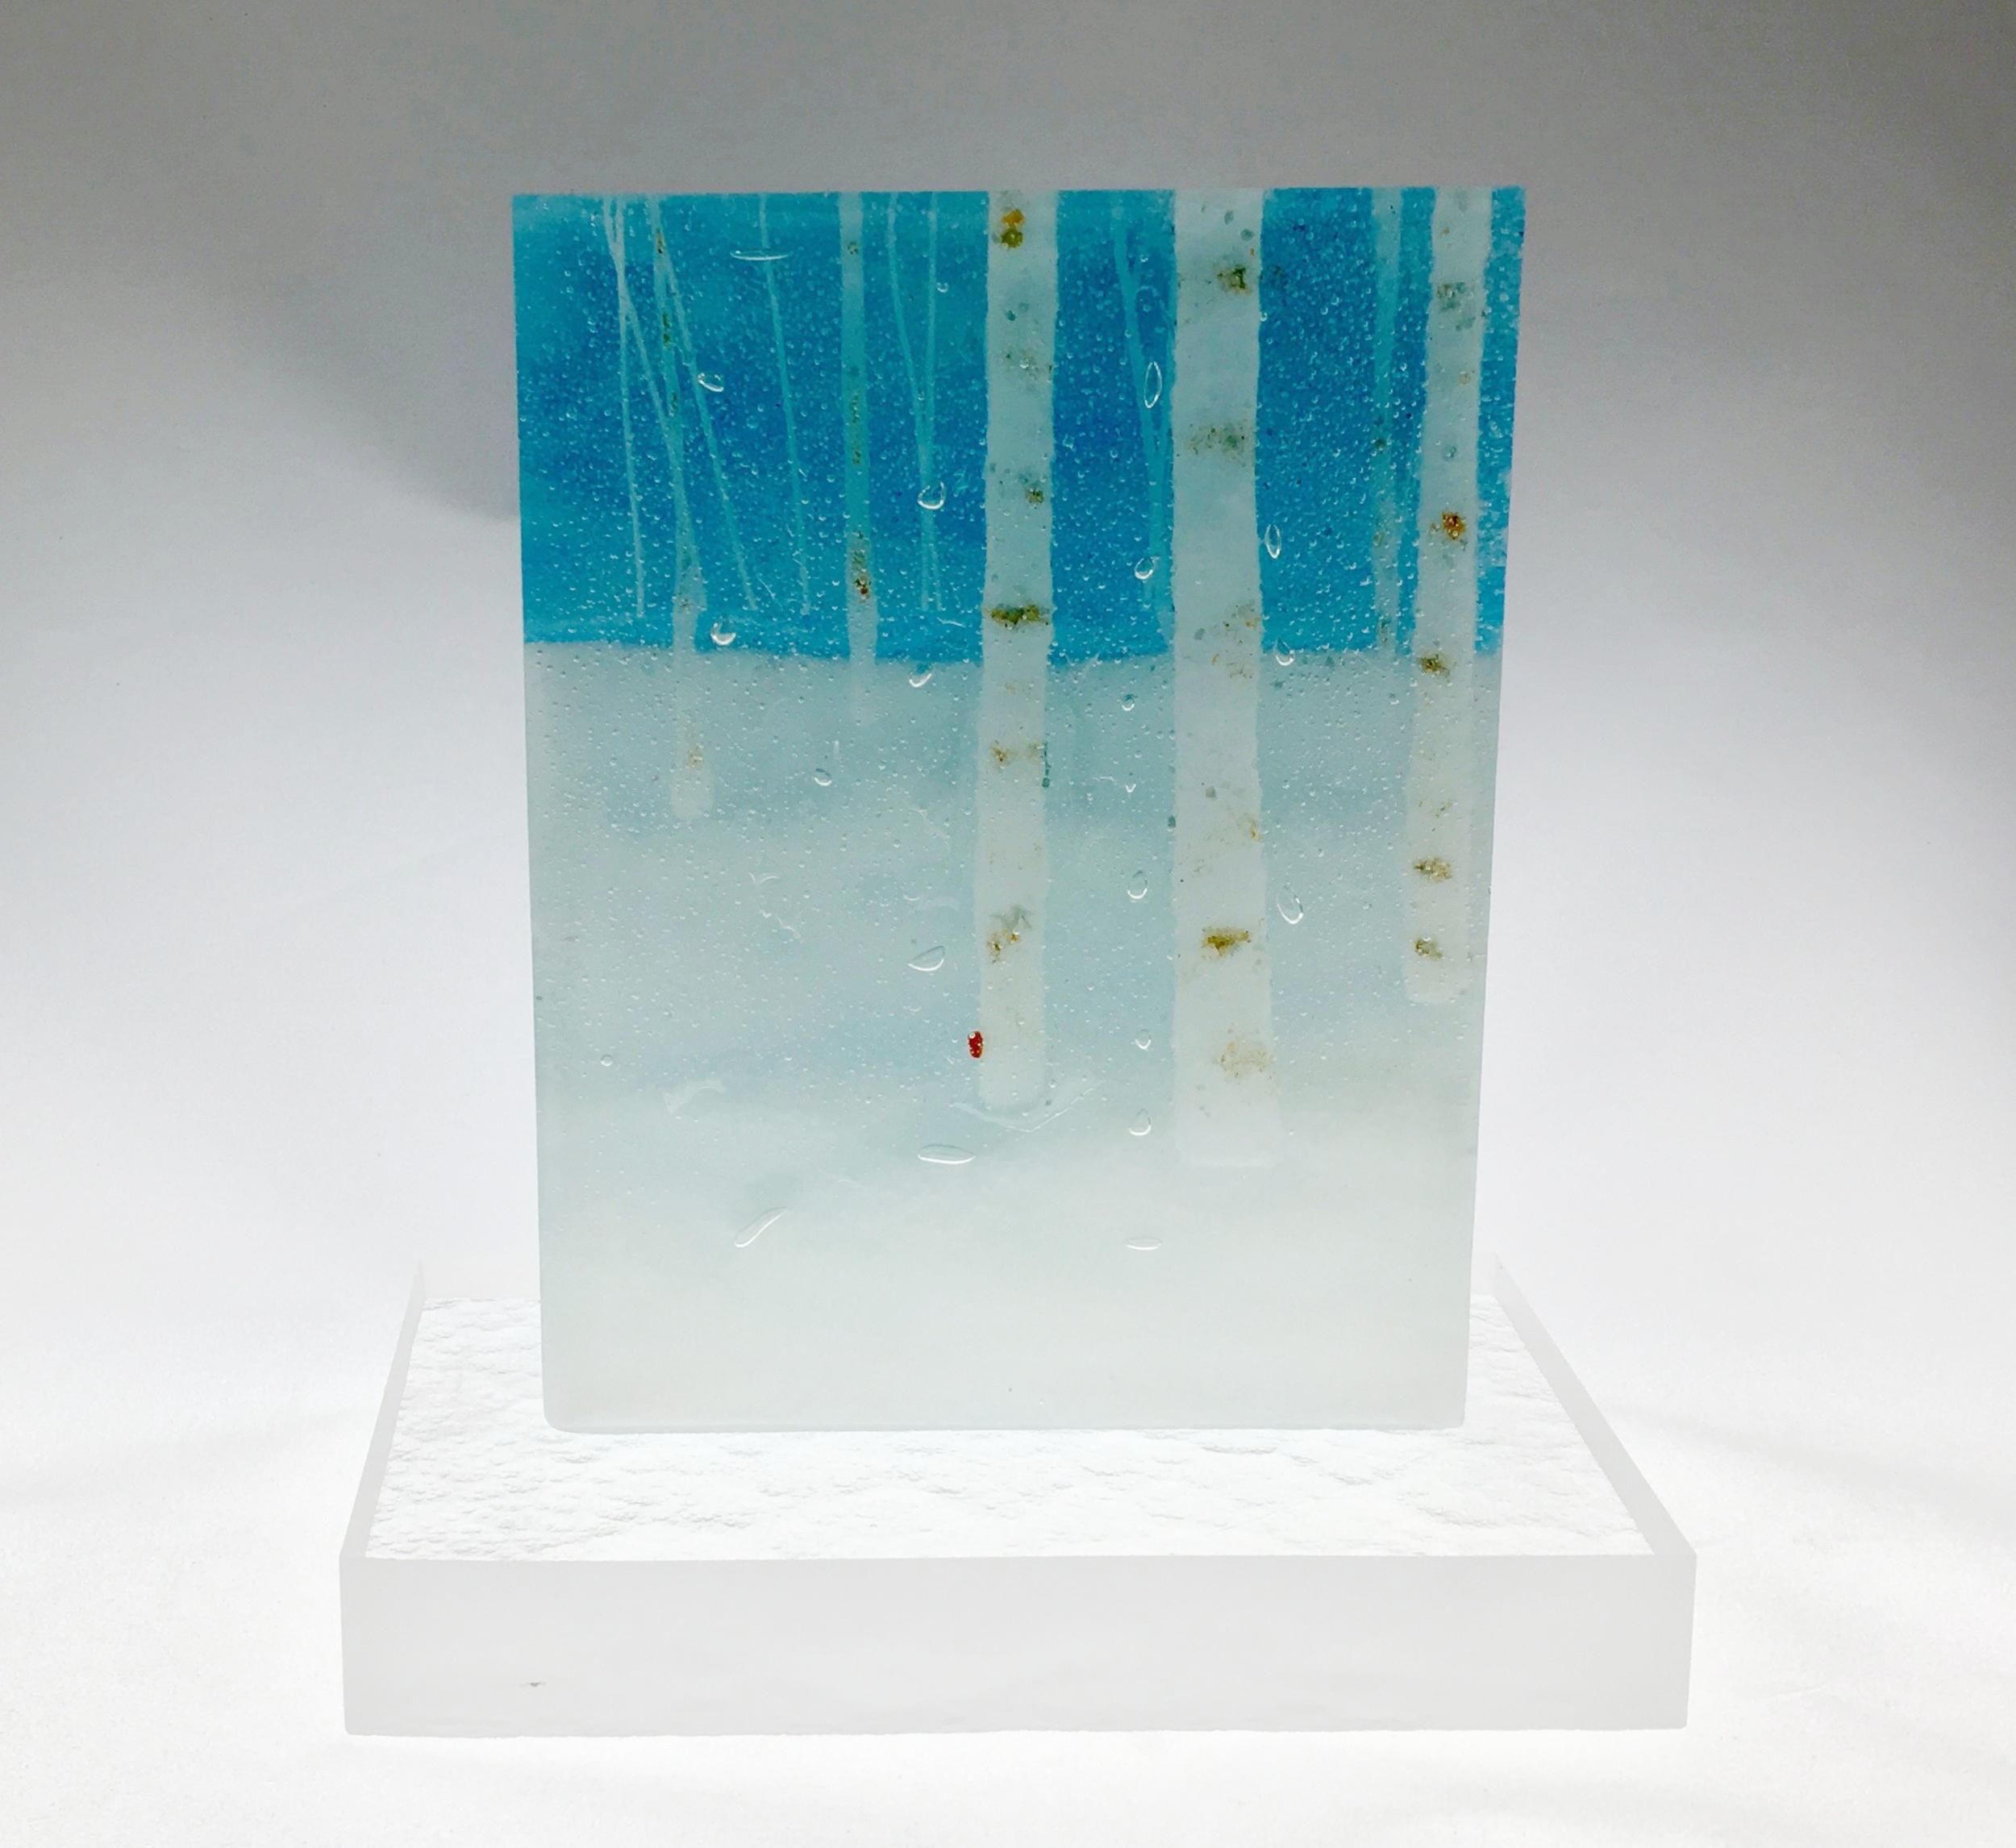 """Birches in Snow - 5 3/4"""" x 4 1/4"""" x 1 3/8"""""""